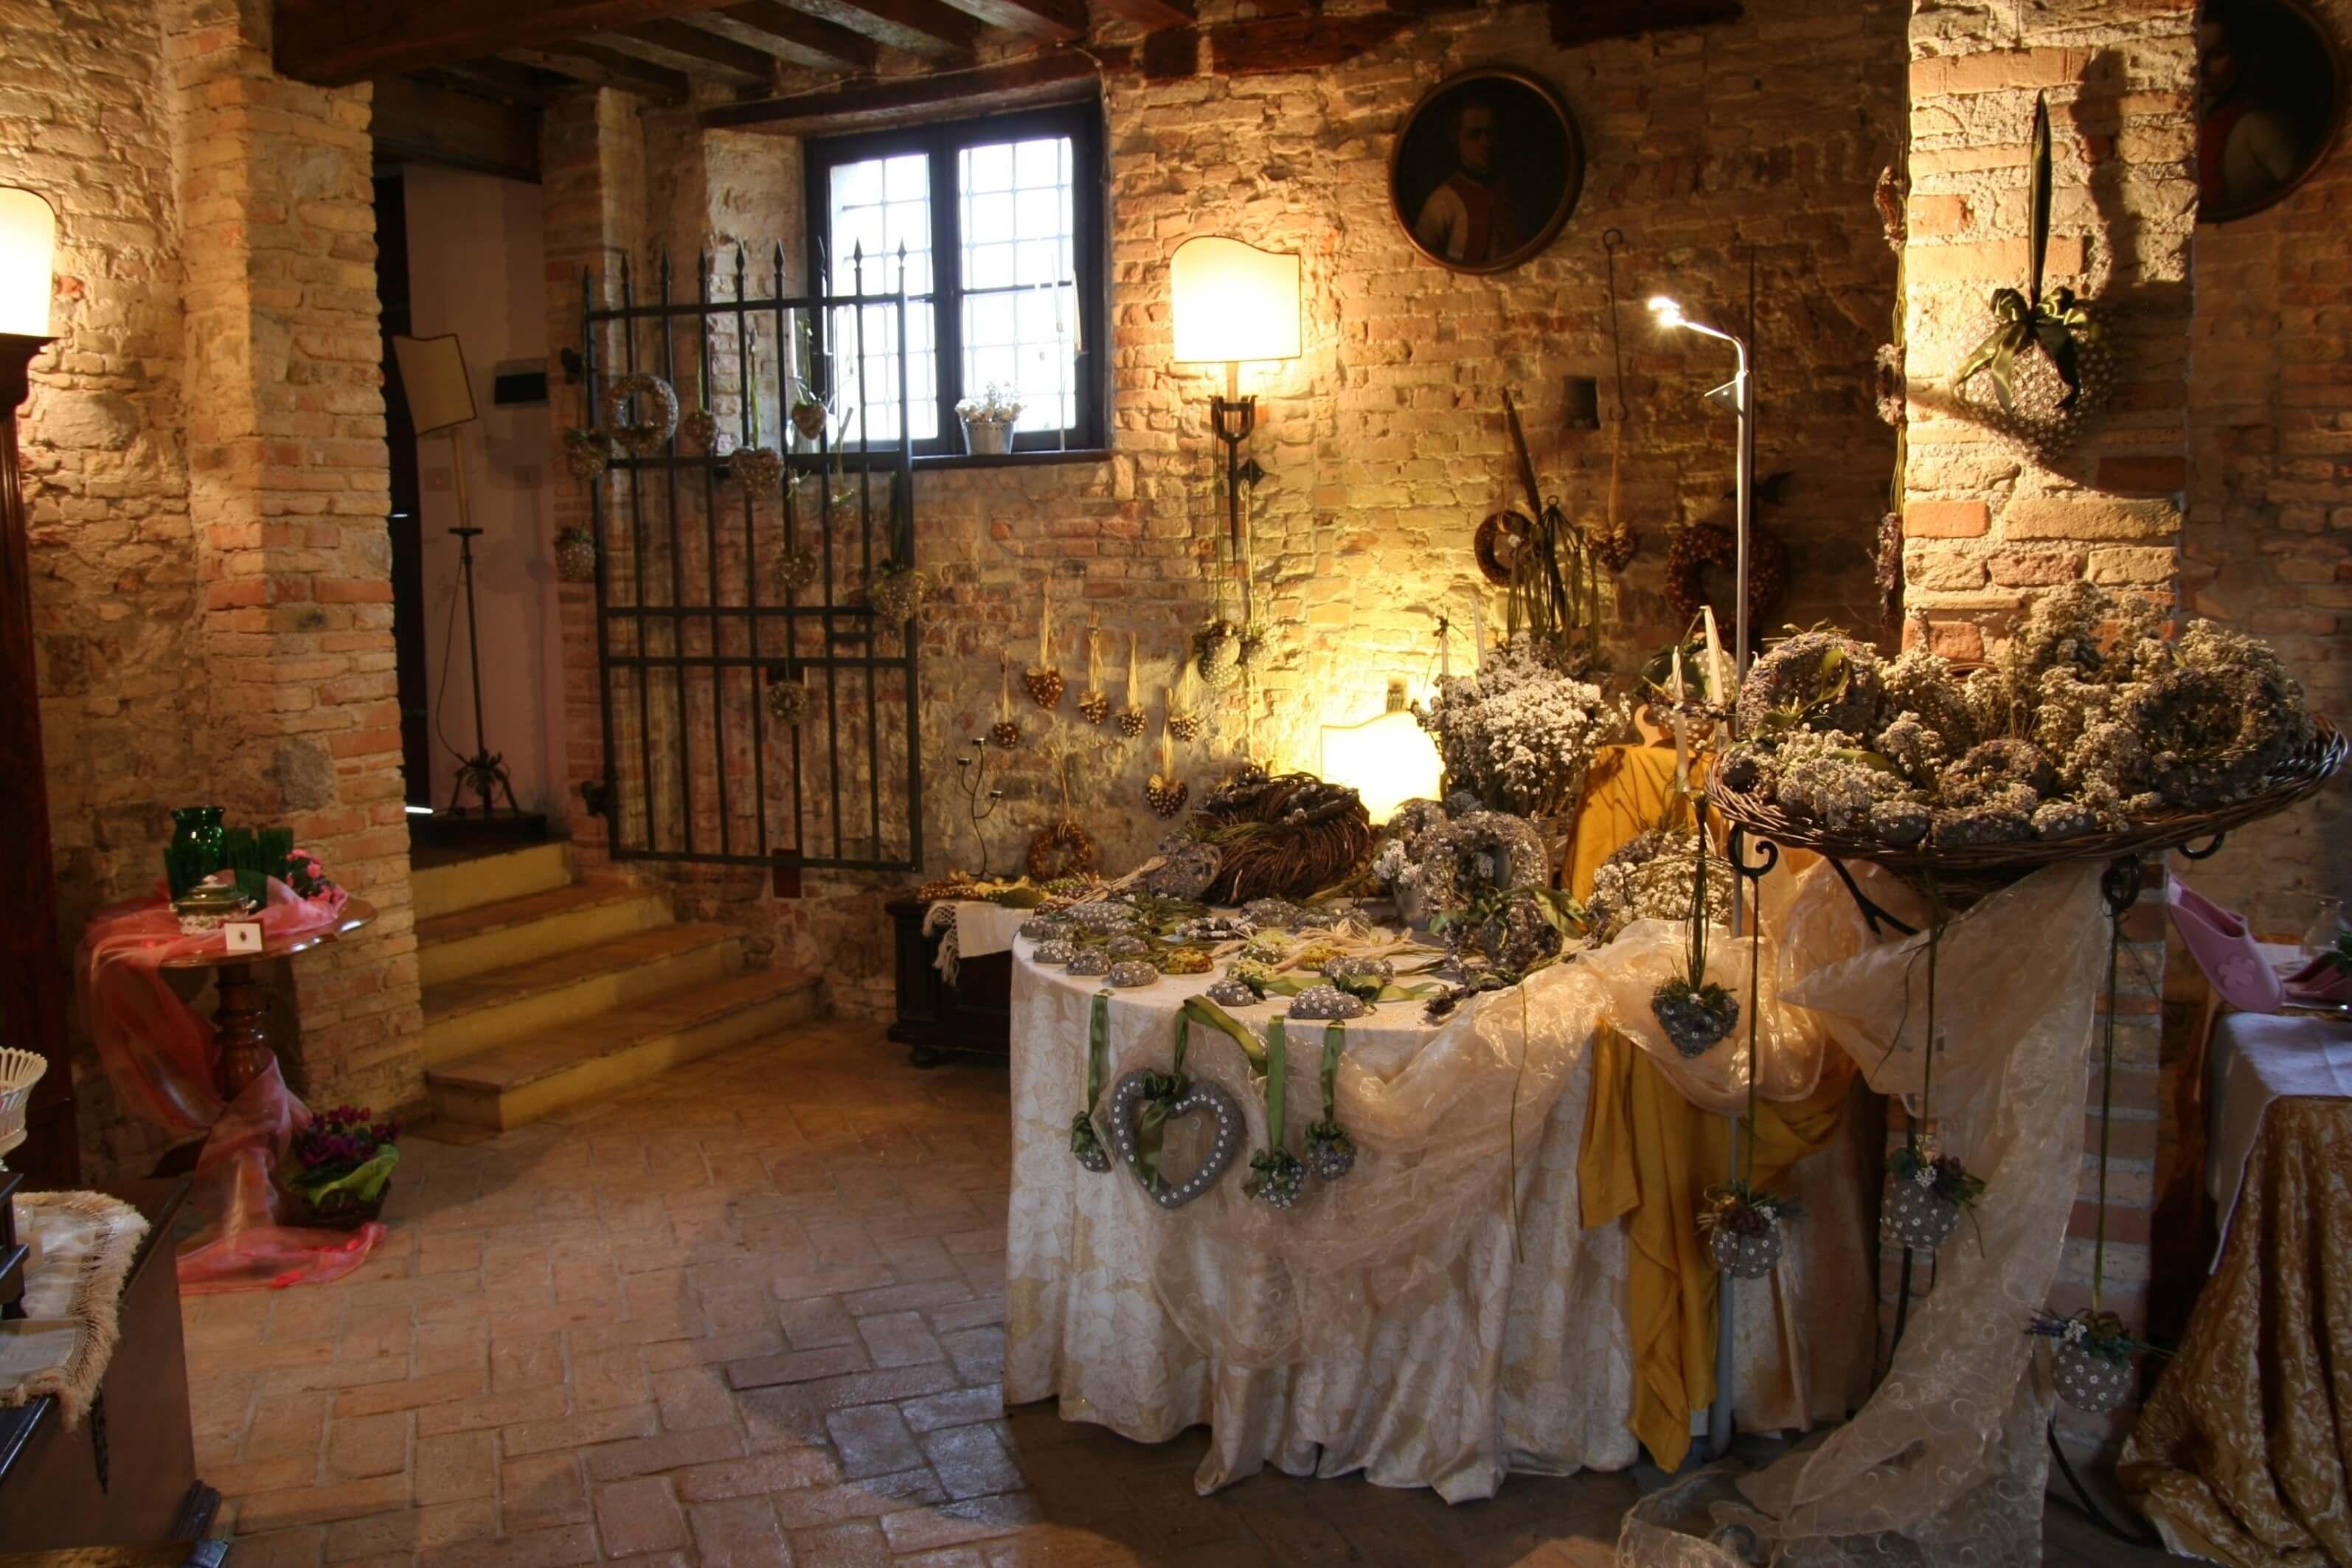 Strassoldo_In Autunno Frutti, Acque e Castelli (3)